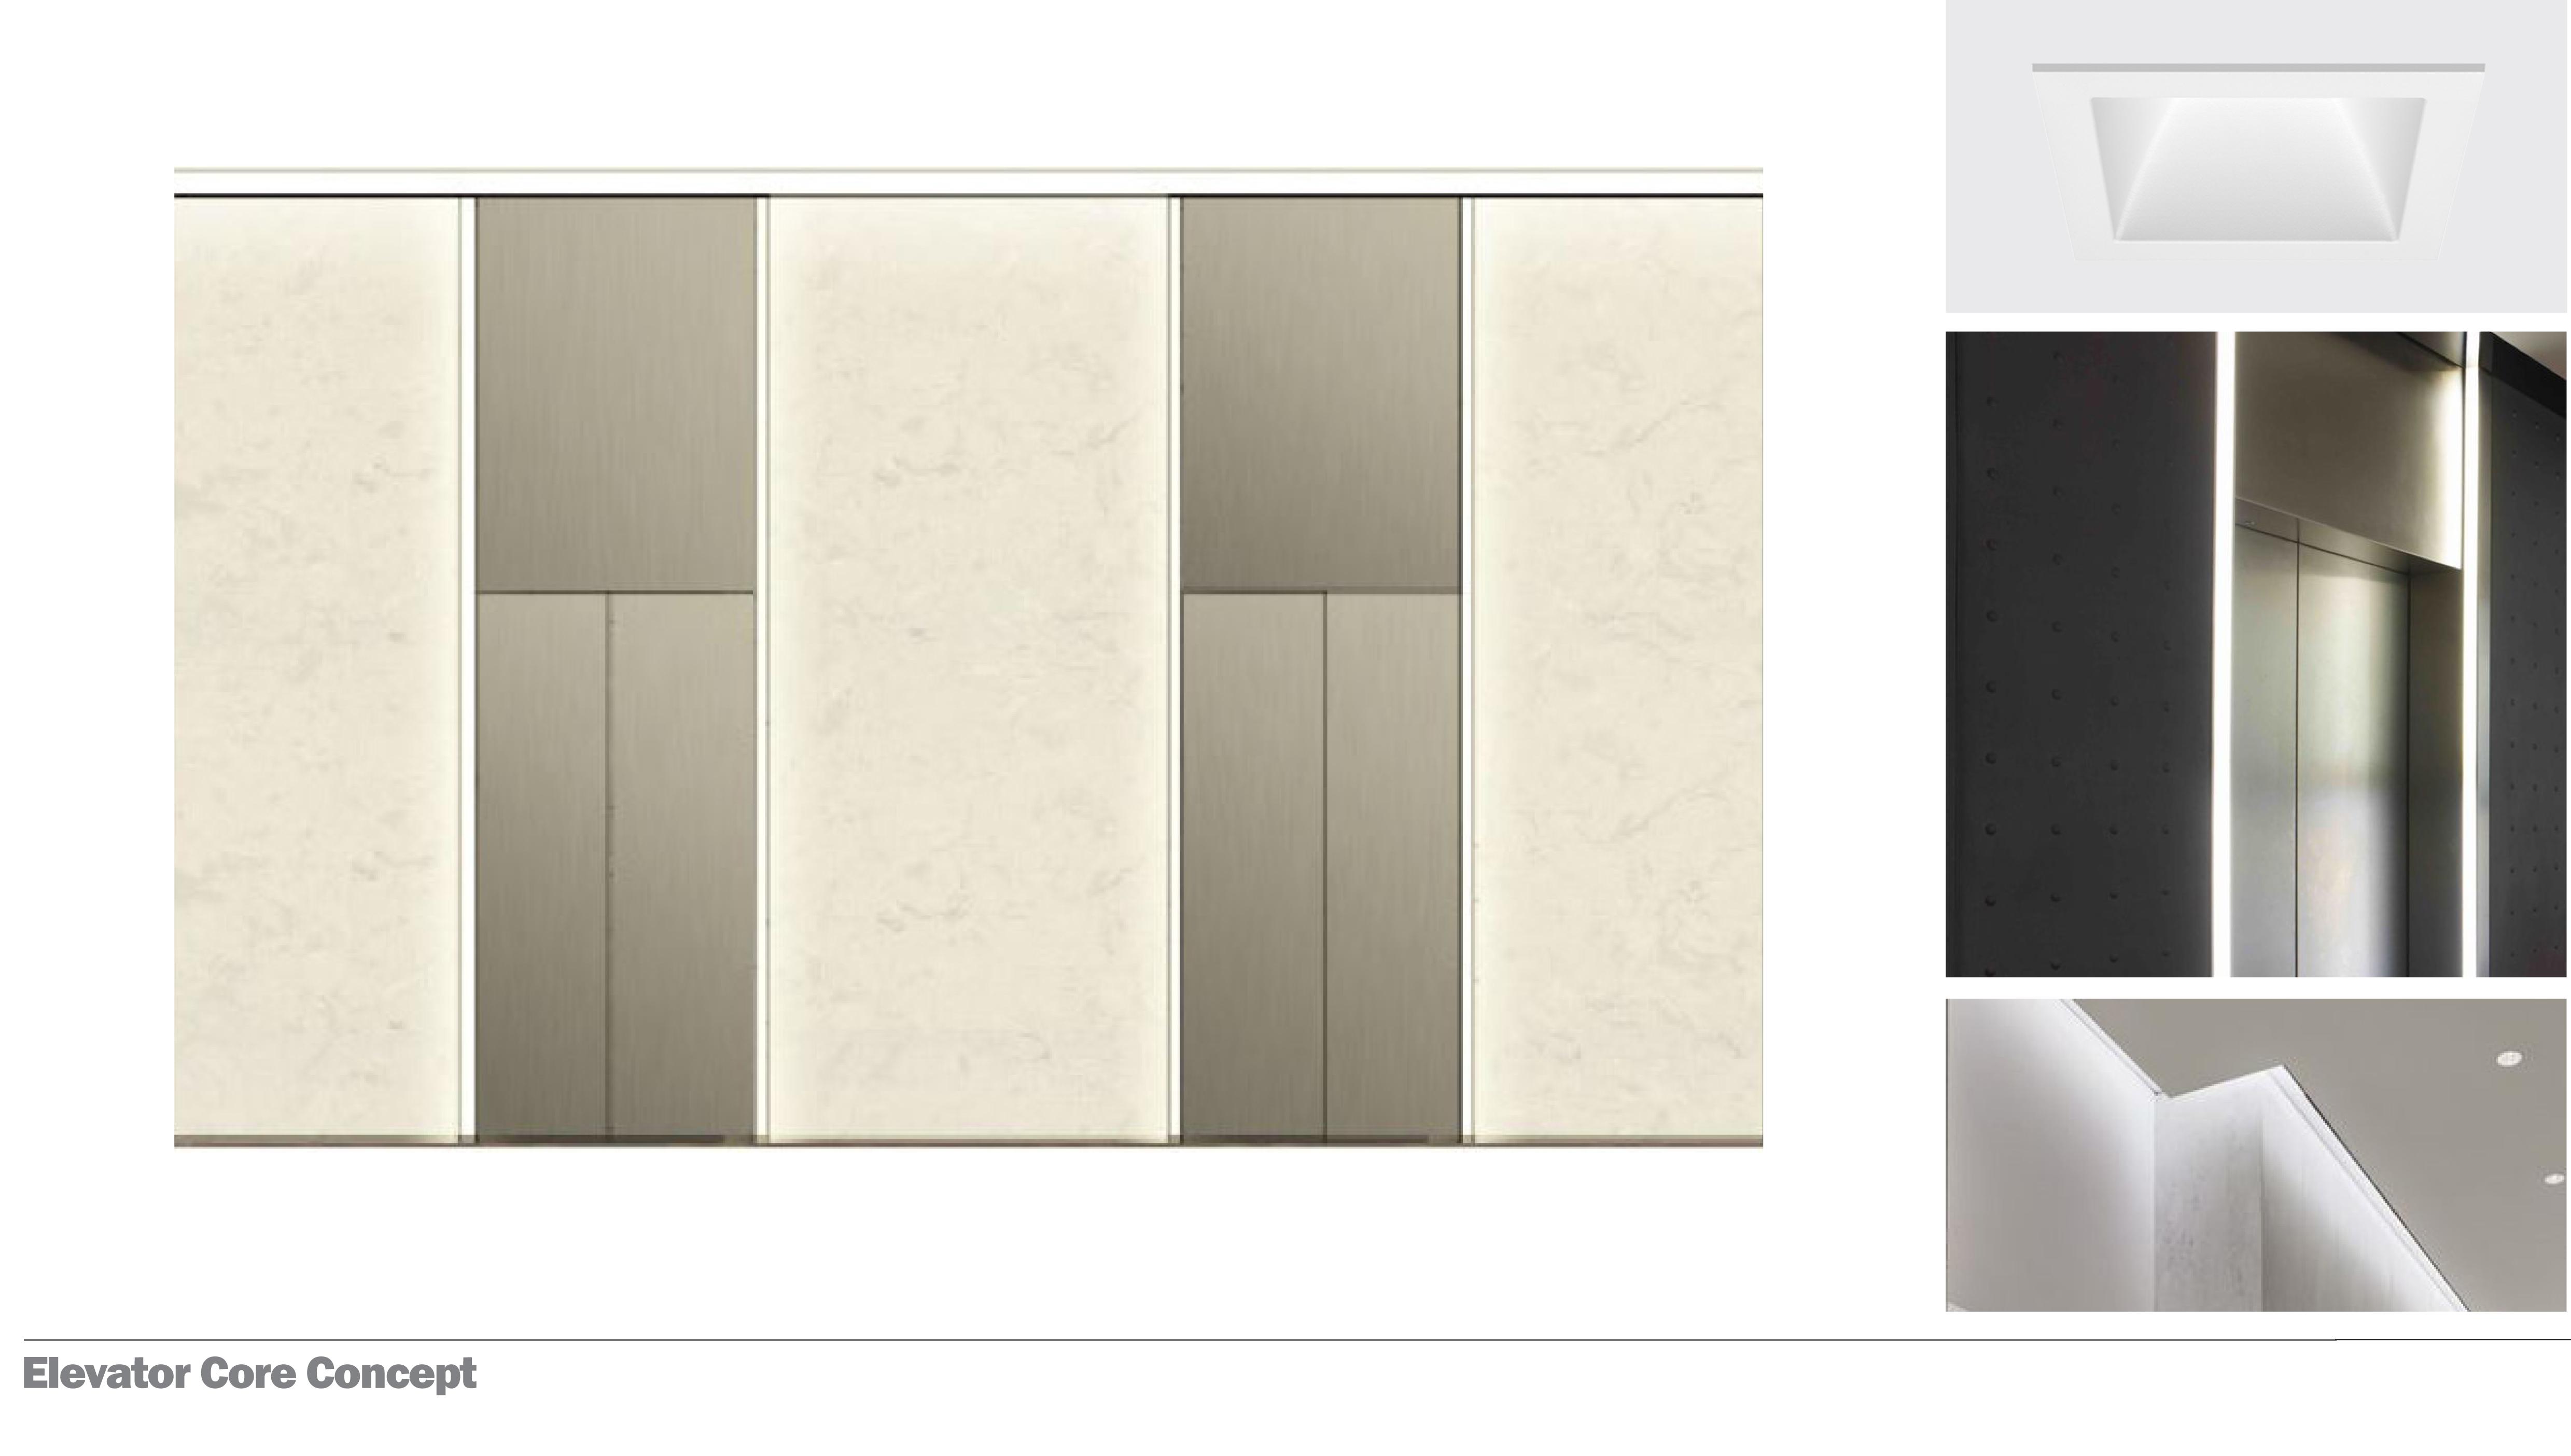 Elevator Core Concept